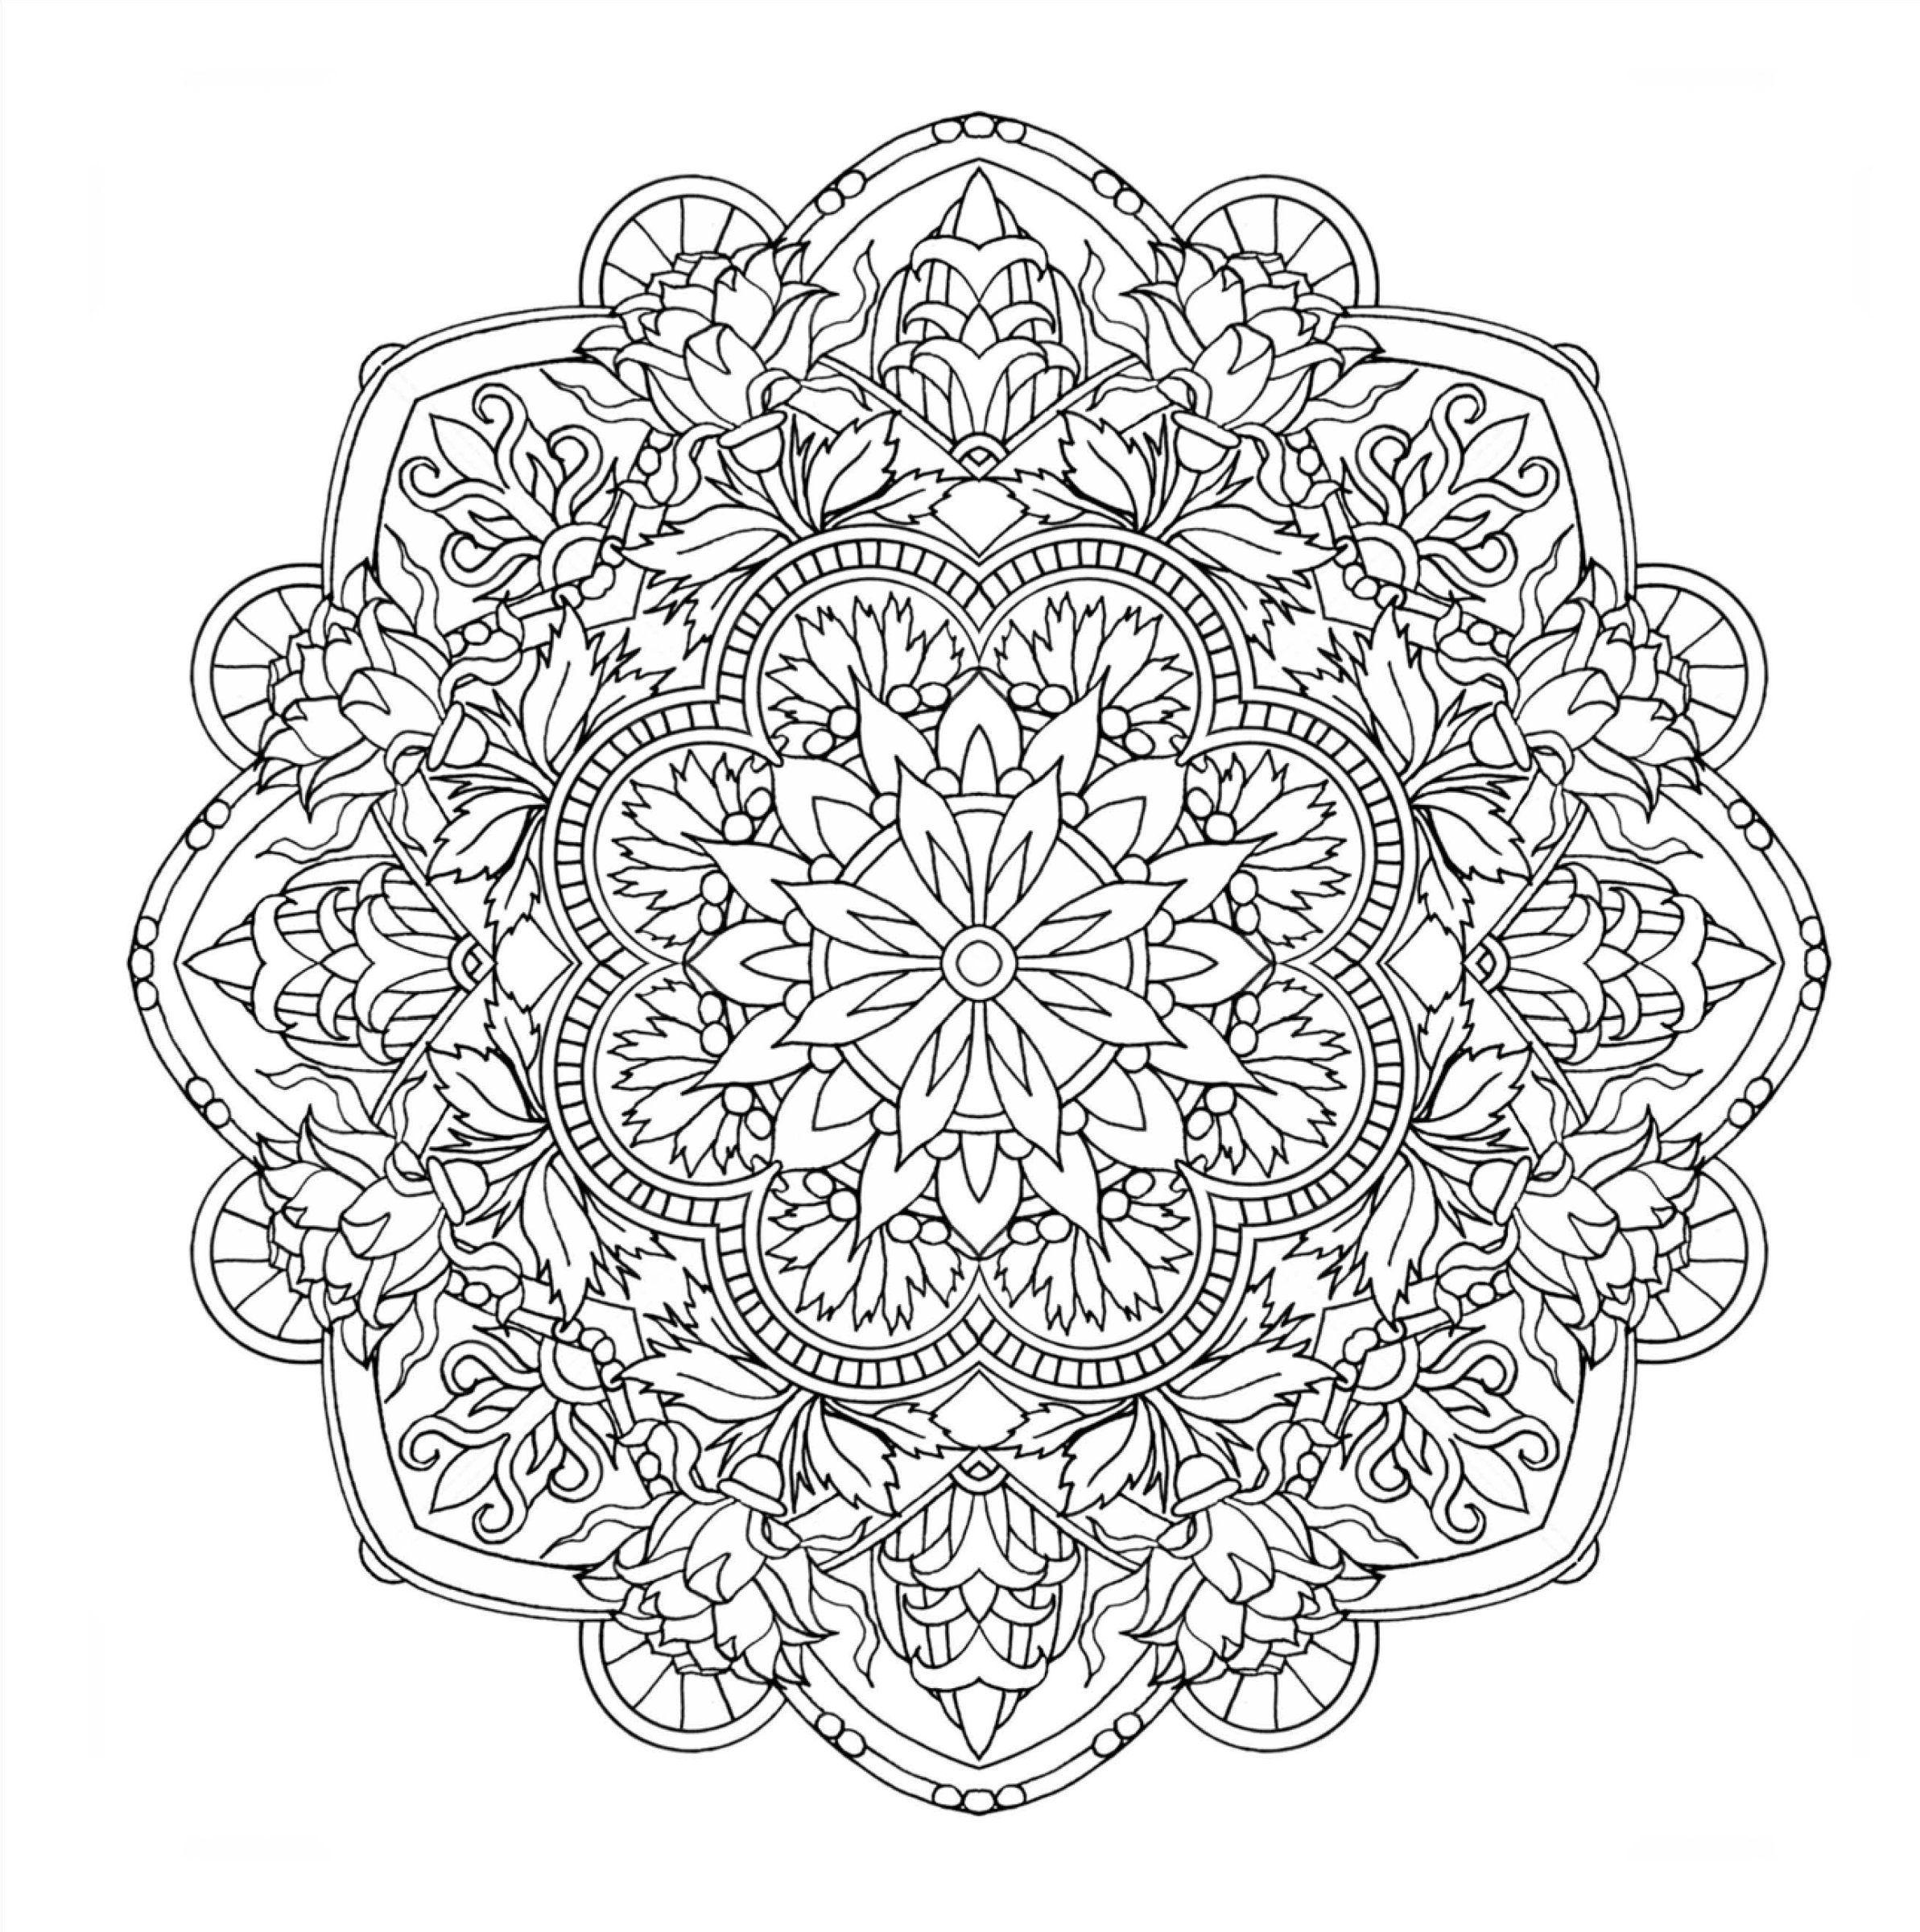 Flower Mandalas 心を整える花々のマンダラぬりえ 曼荼羅の